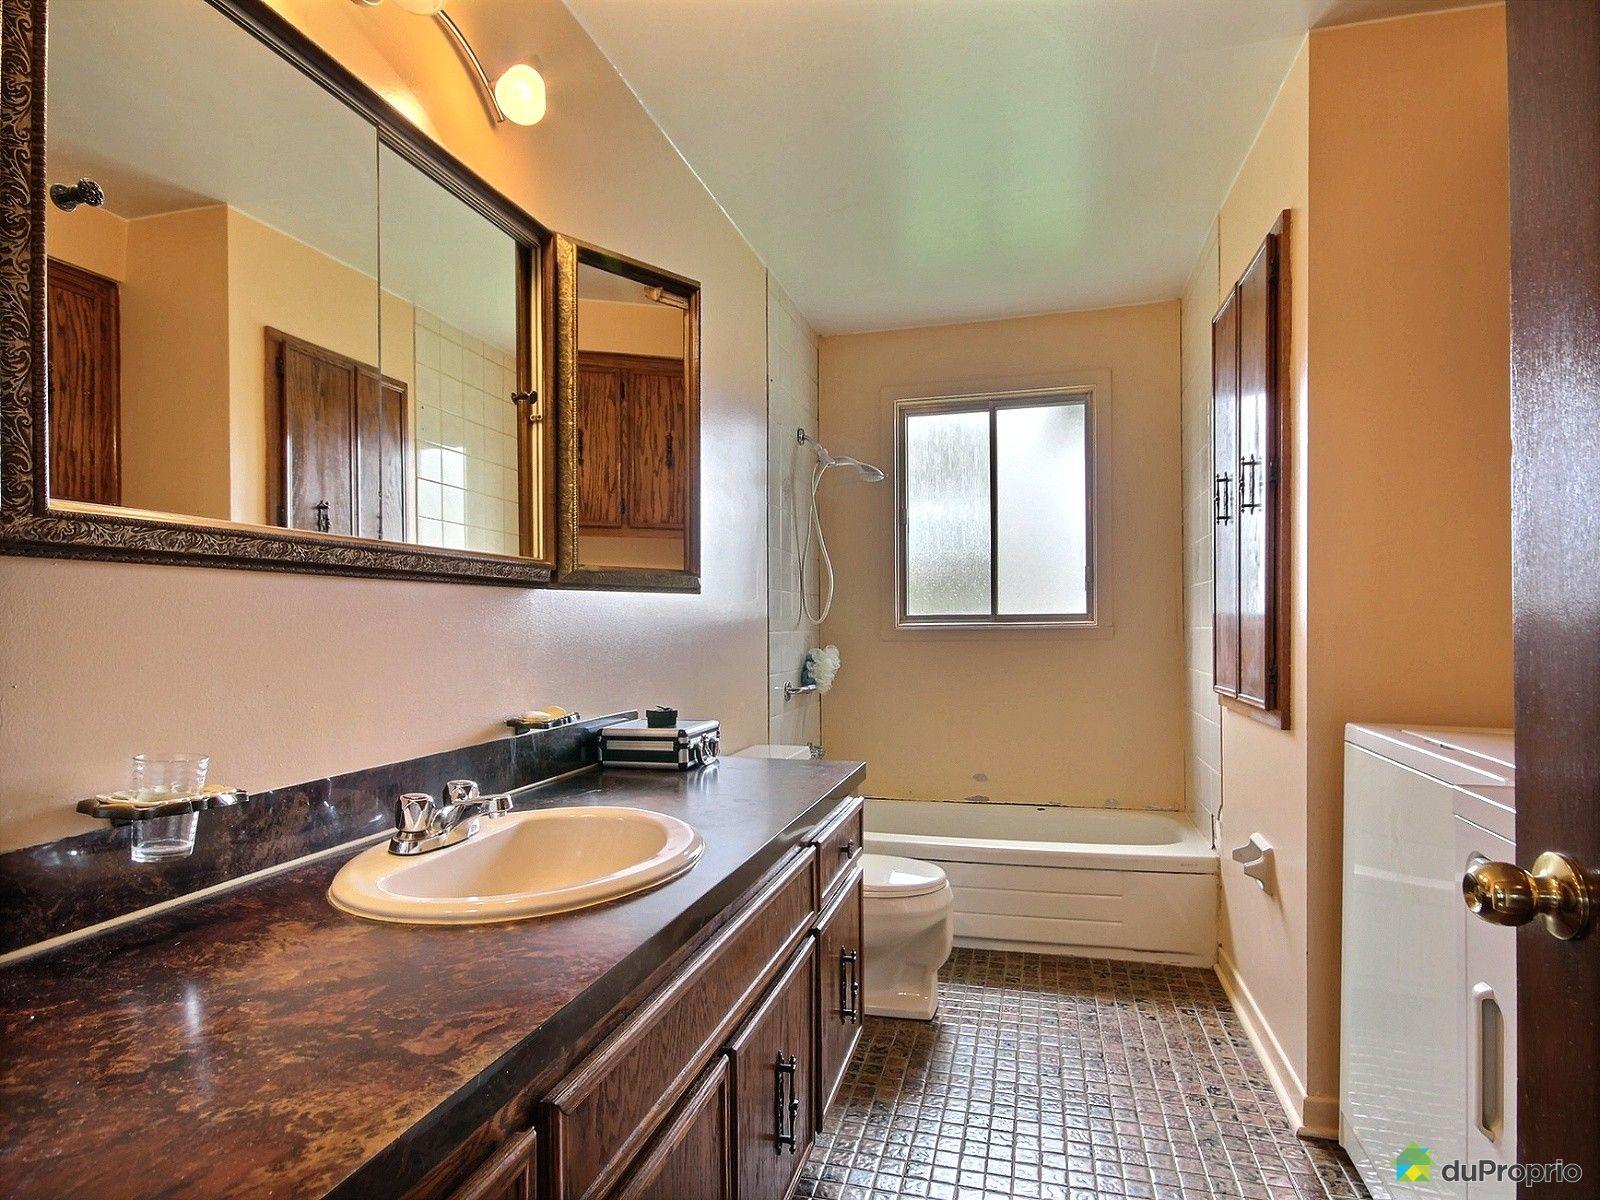 Maison vendre st eustache 262 rue andr jobin for Salle de bain 25 st eustache